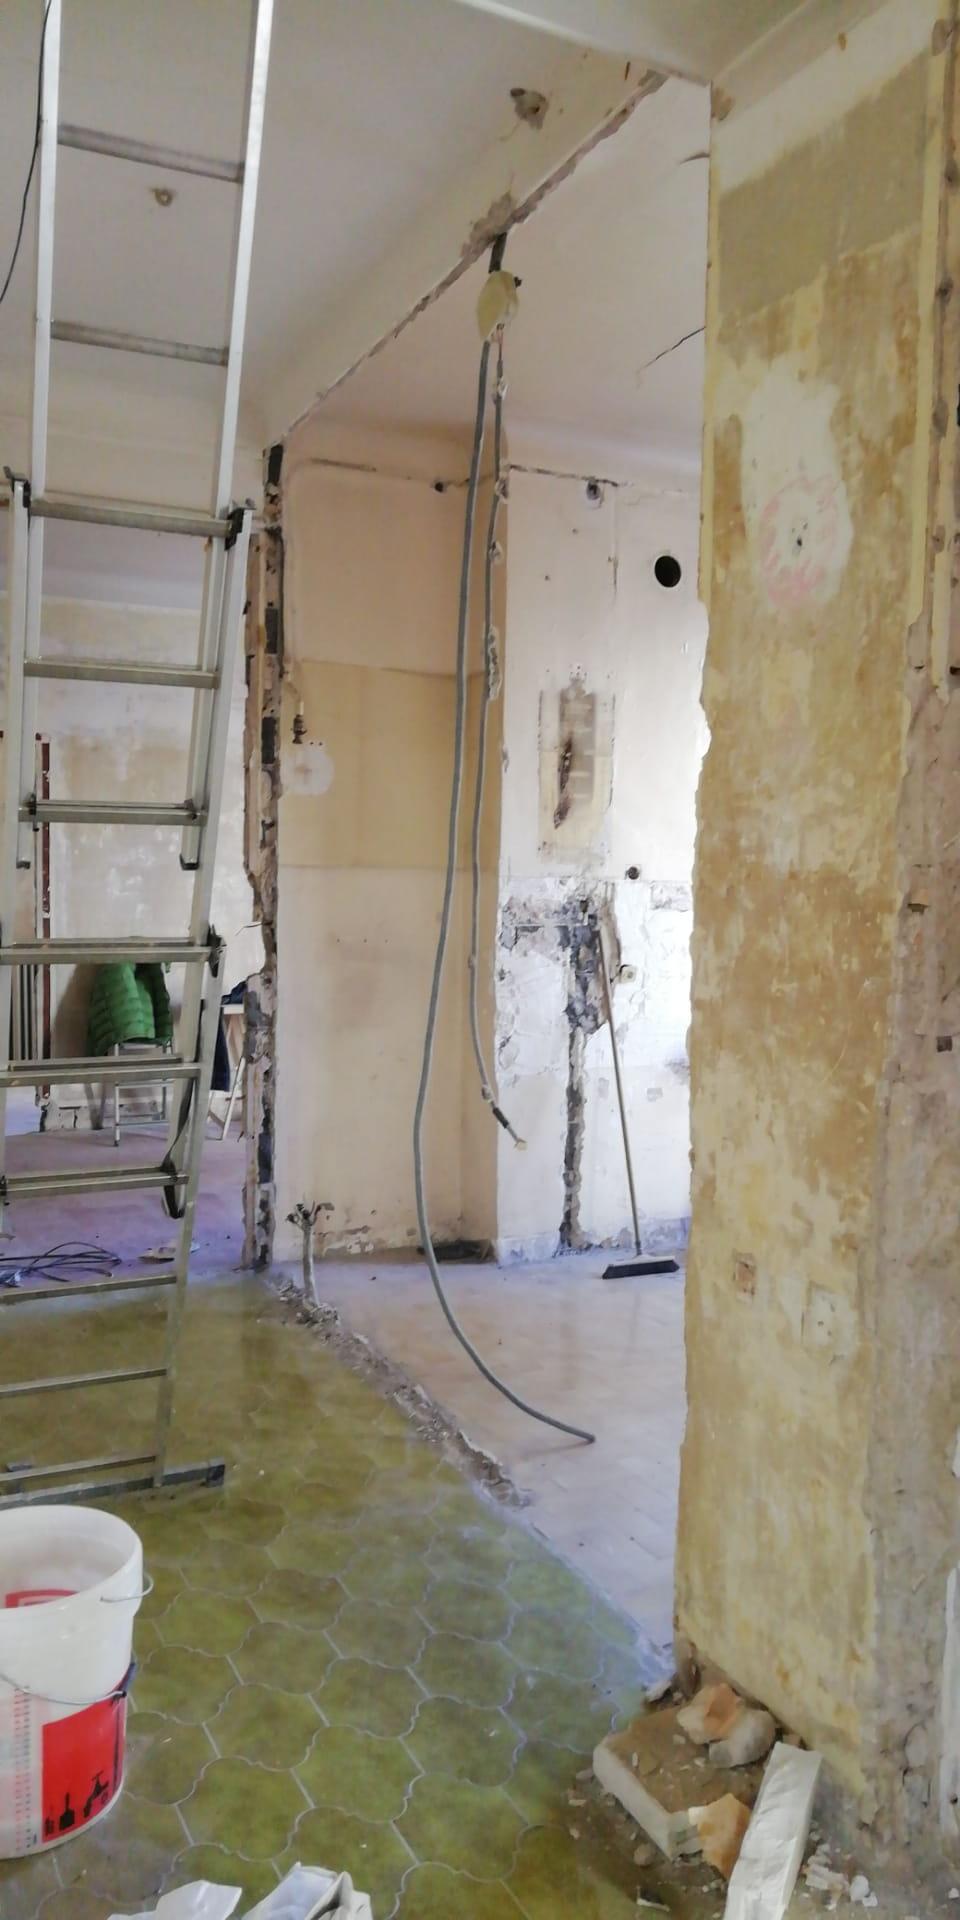 Comment Enlever Colle Carrelage Sur Chape dalle sur tomettes et carrelages - forum construction et